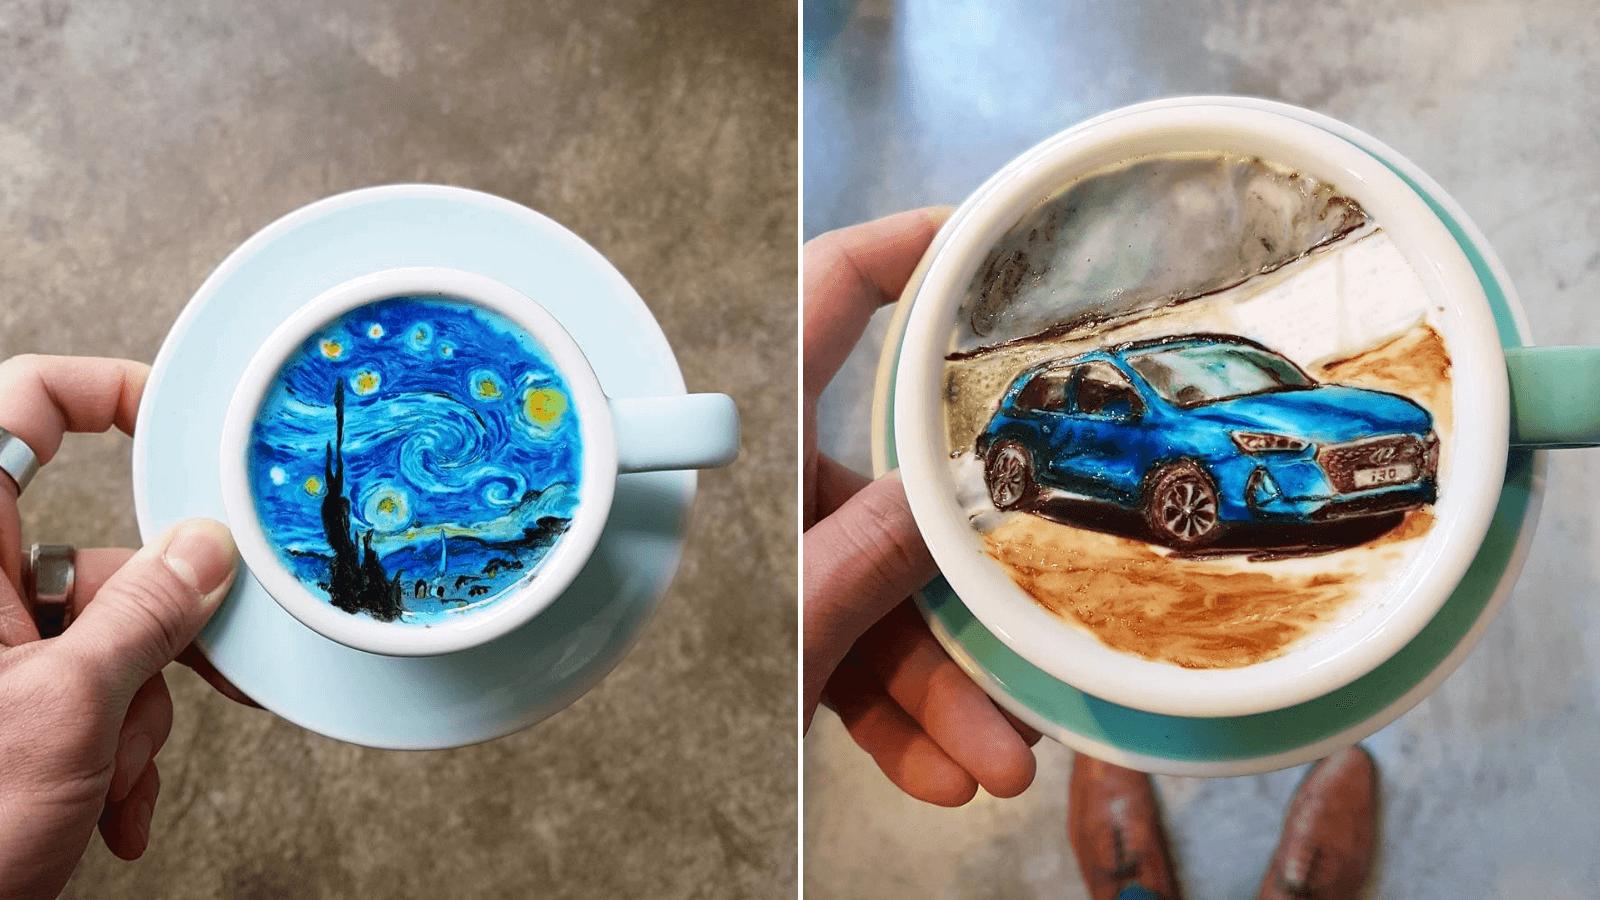 Un barista coreano sorprende a todos con sus increíbles diseños sobre la espuma del café 2